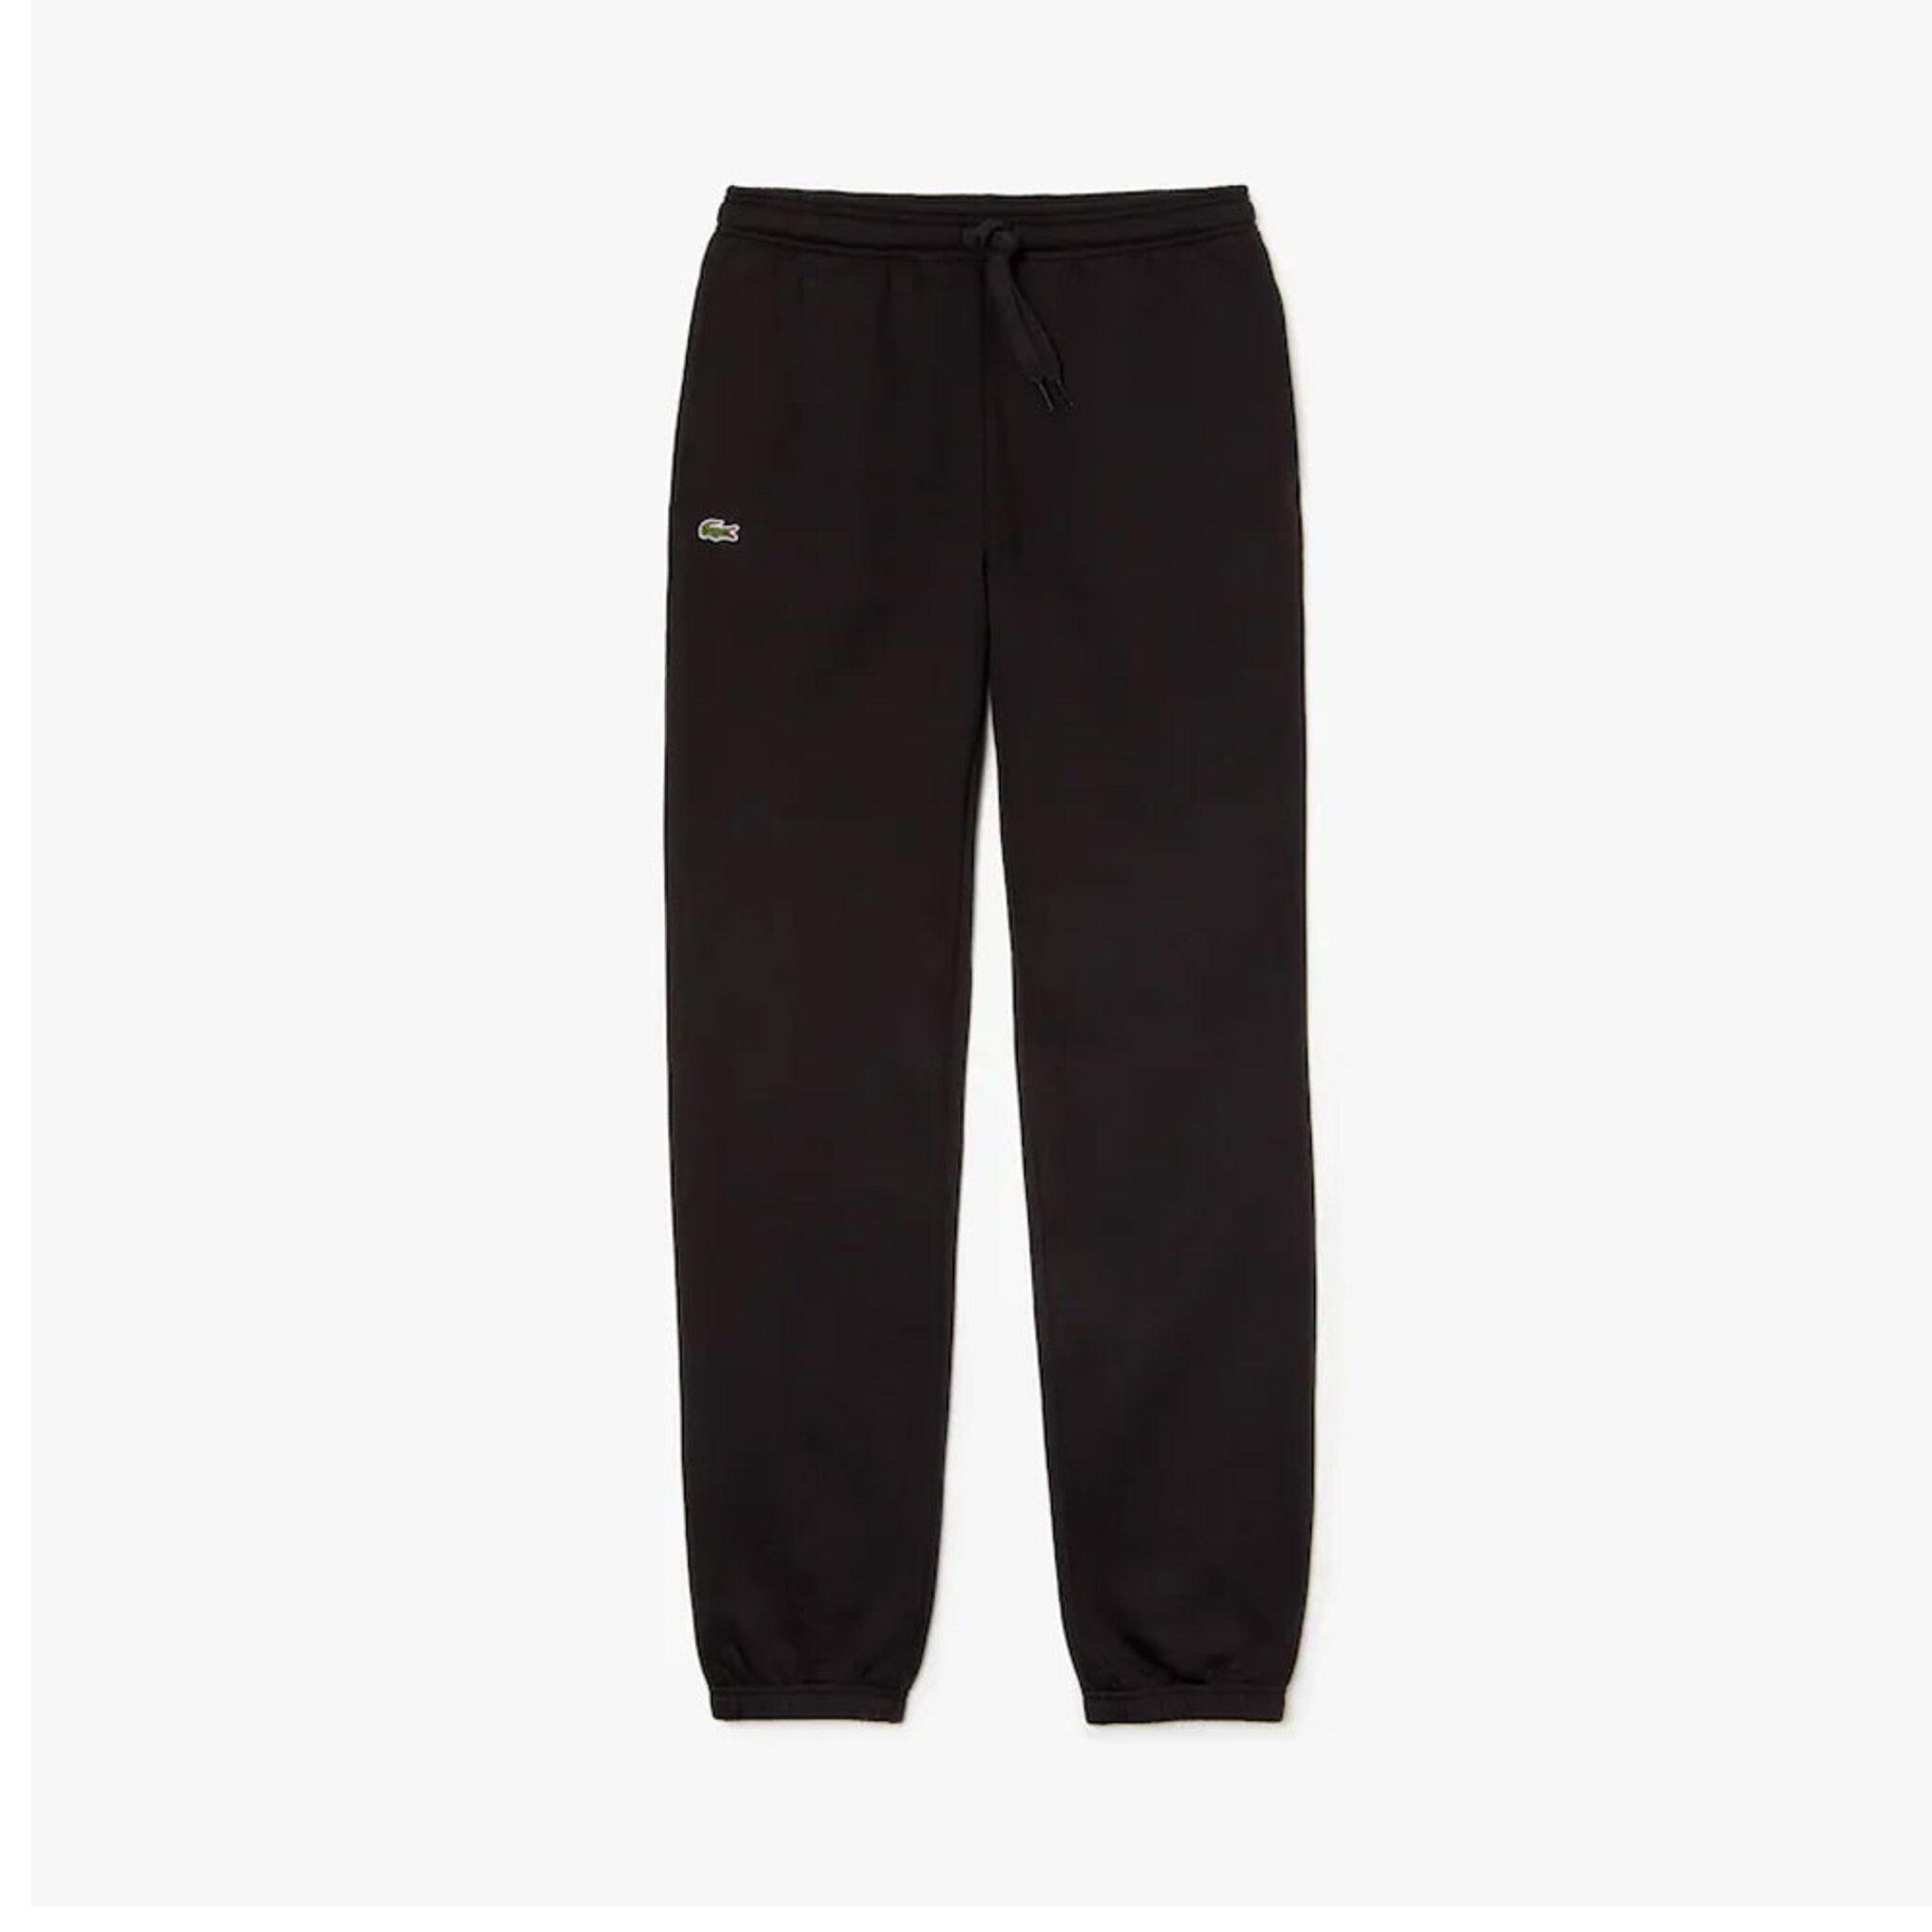 Tennis trackpants in fleece